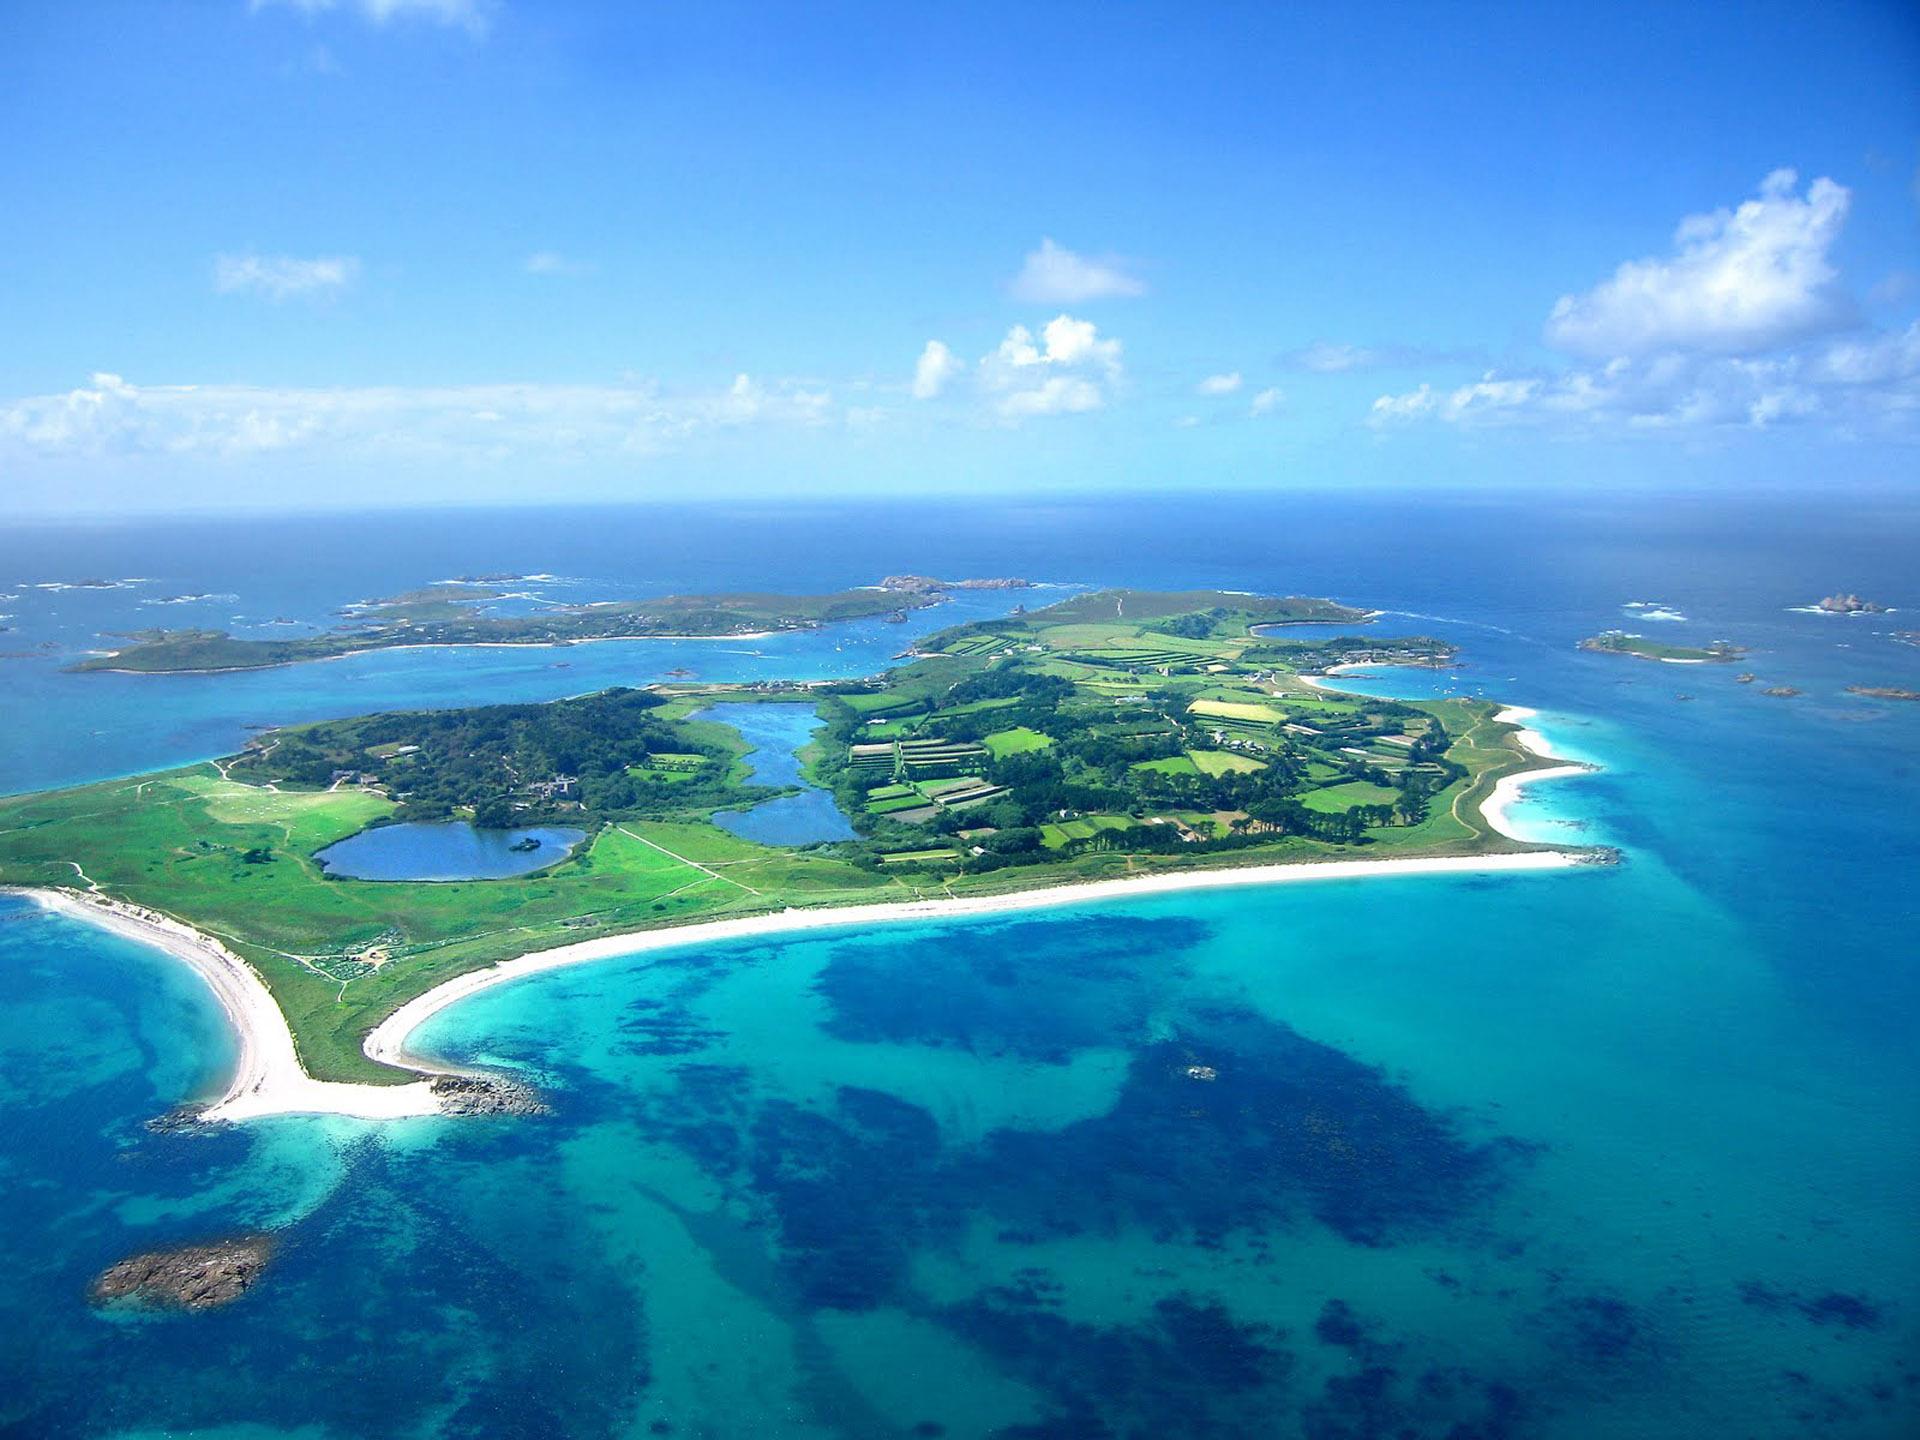 En las vistas aereas es donde más se pueden apreciar los colores de las aguas turquesa de la isla